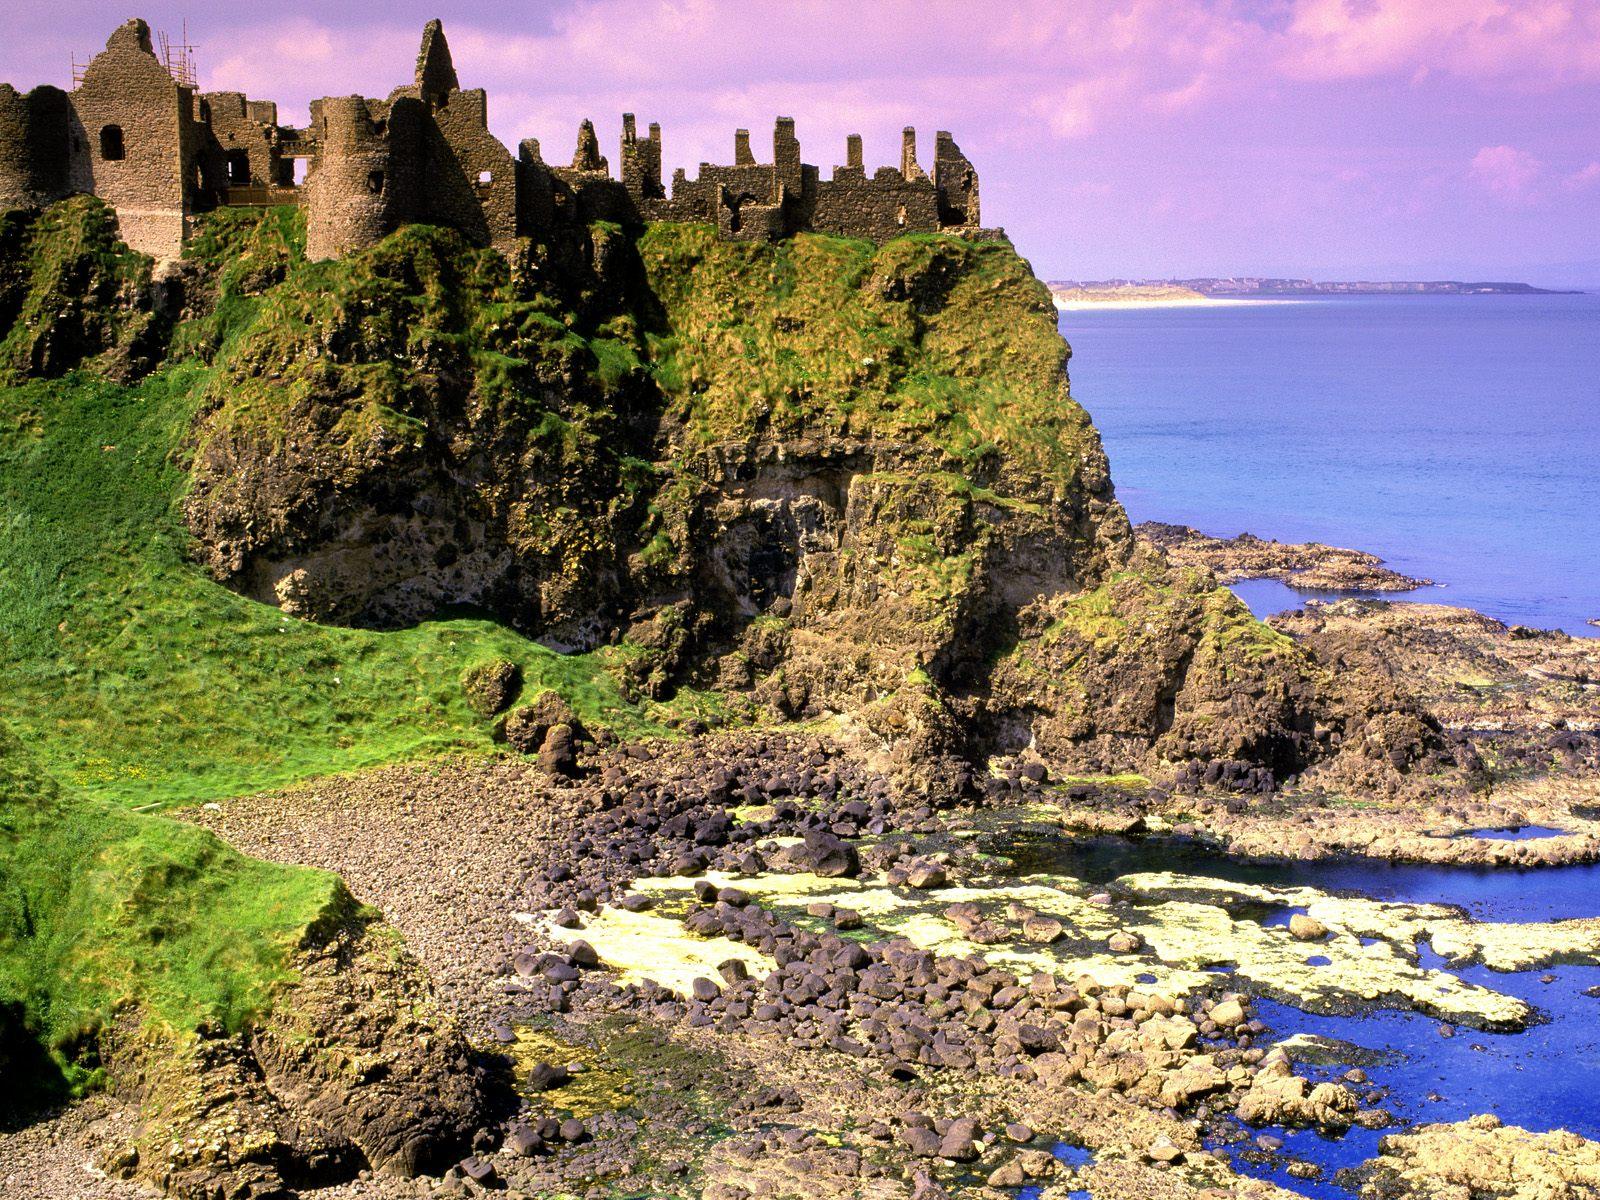 http://1.bp.blogspot.com/-nYnZrRwIP8w/TYHXXIvBsmI/AAAAAAAAGP4/AtLpAItdFms/s1600/Dunluce_Castle_County_Antrim_Ireland.jpg